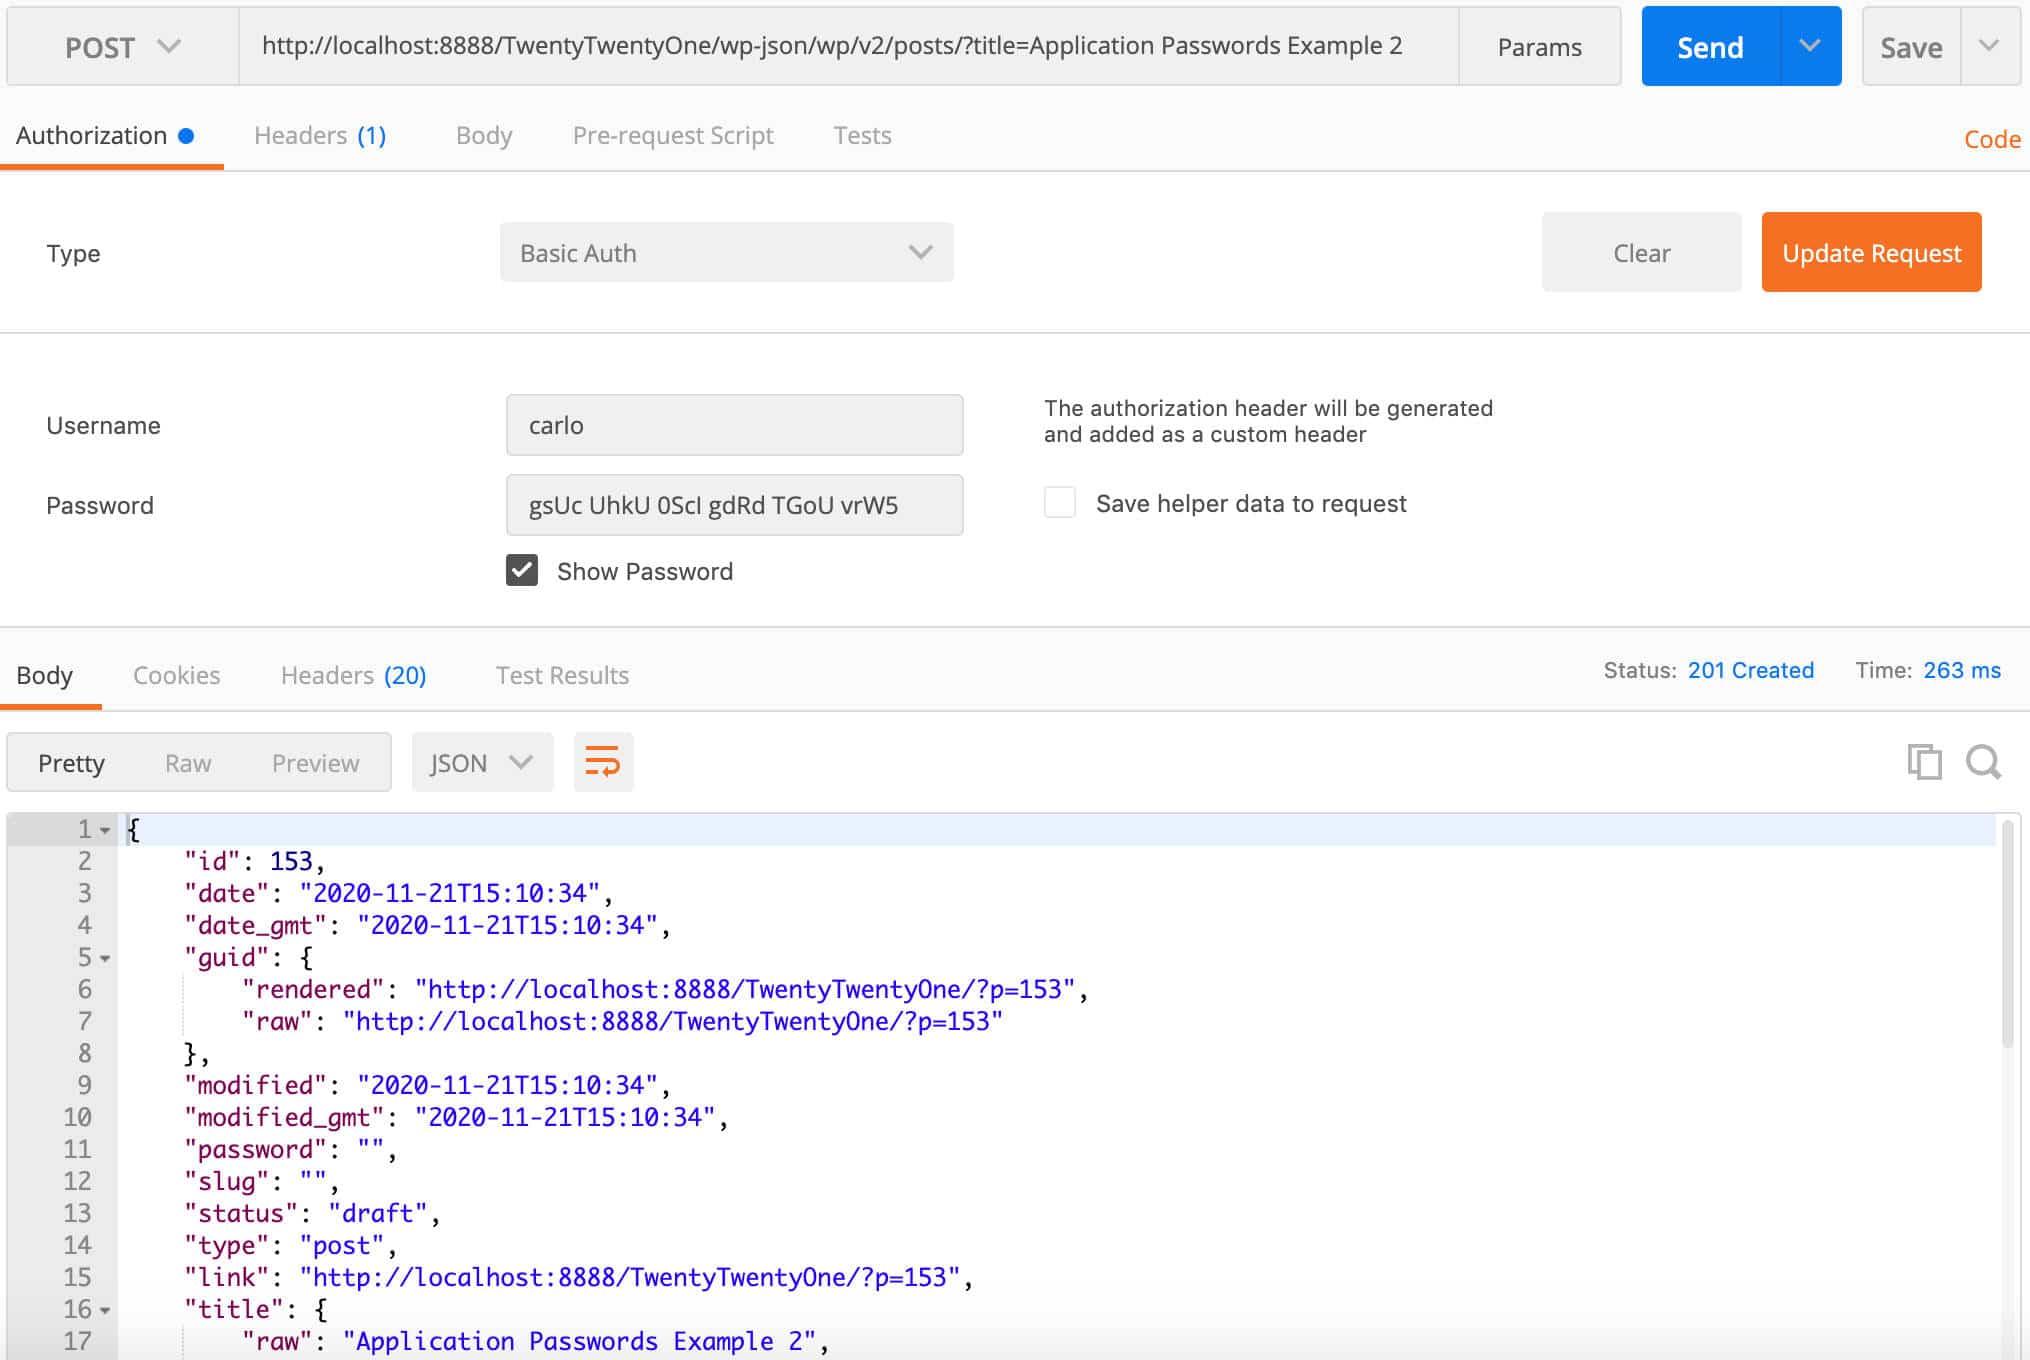 Postman'da REST API'ye kimliği doğrulanmış bir çağrı